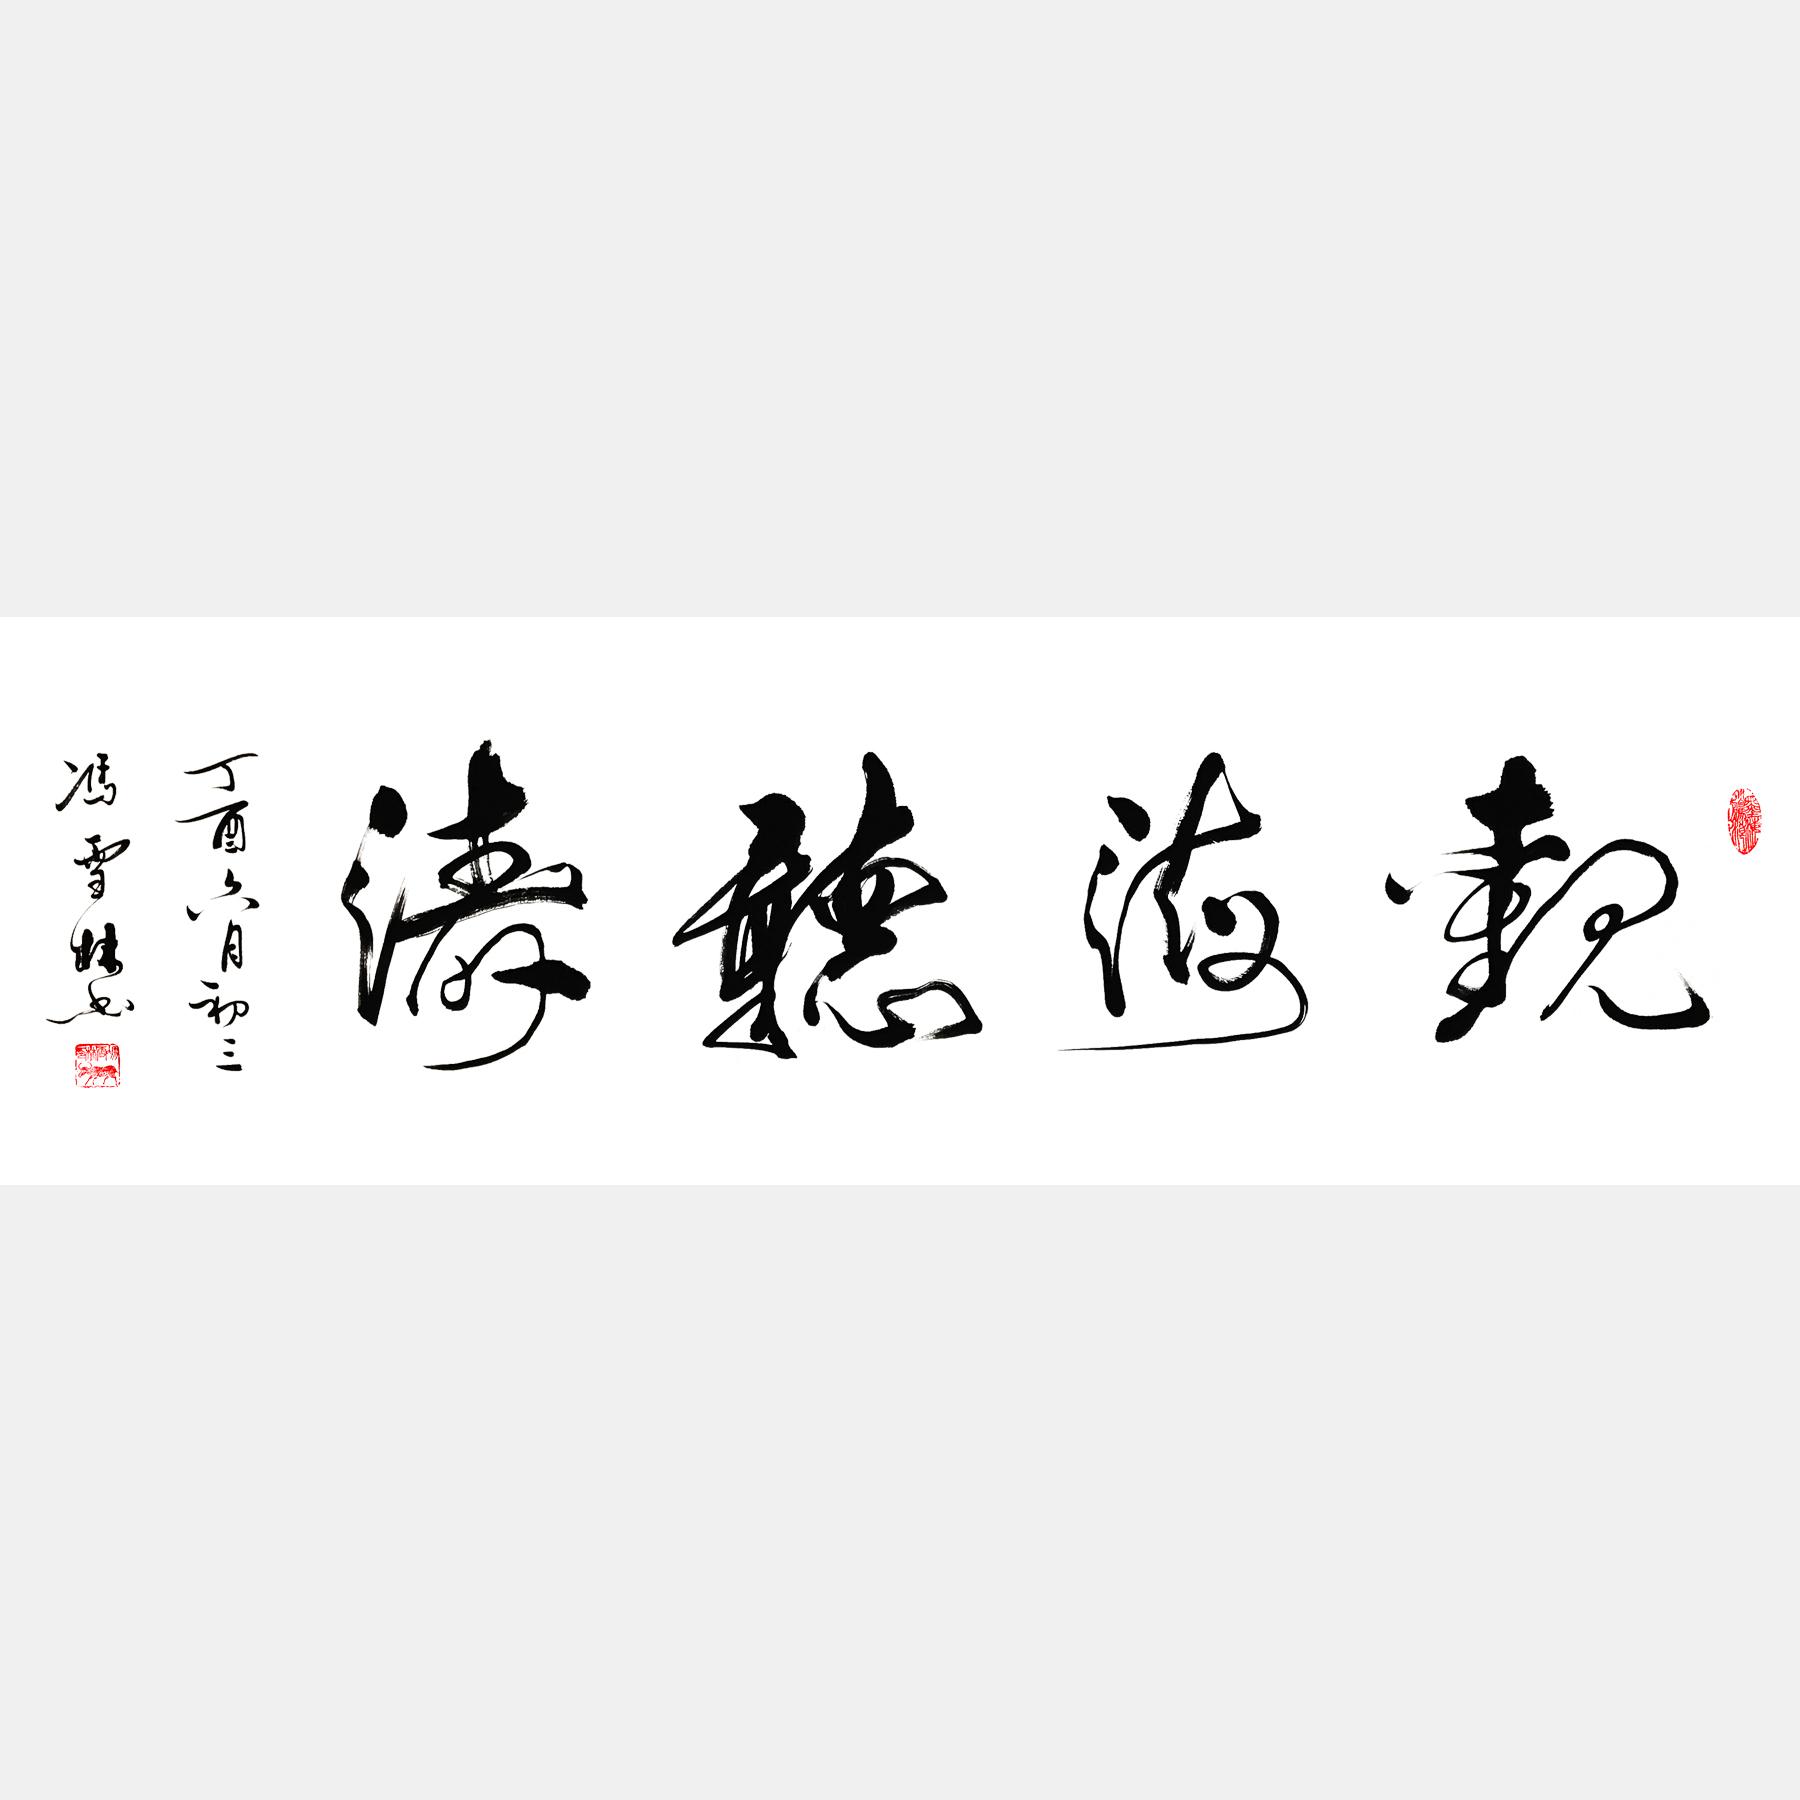 观海听涛书法作品 行草 四尺横幅字画